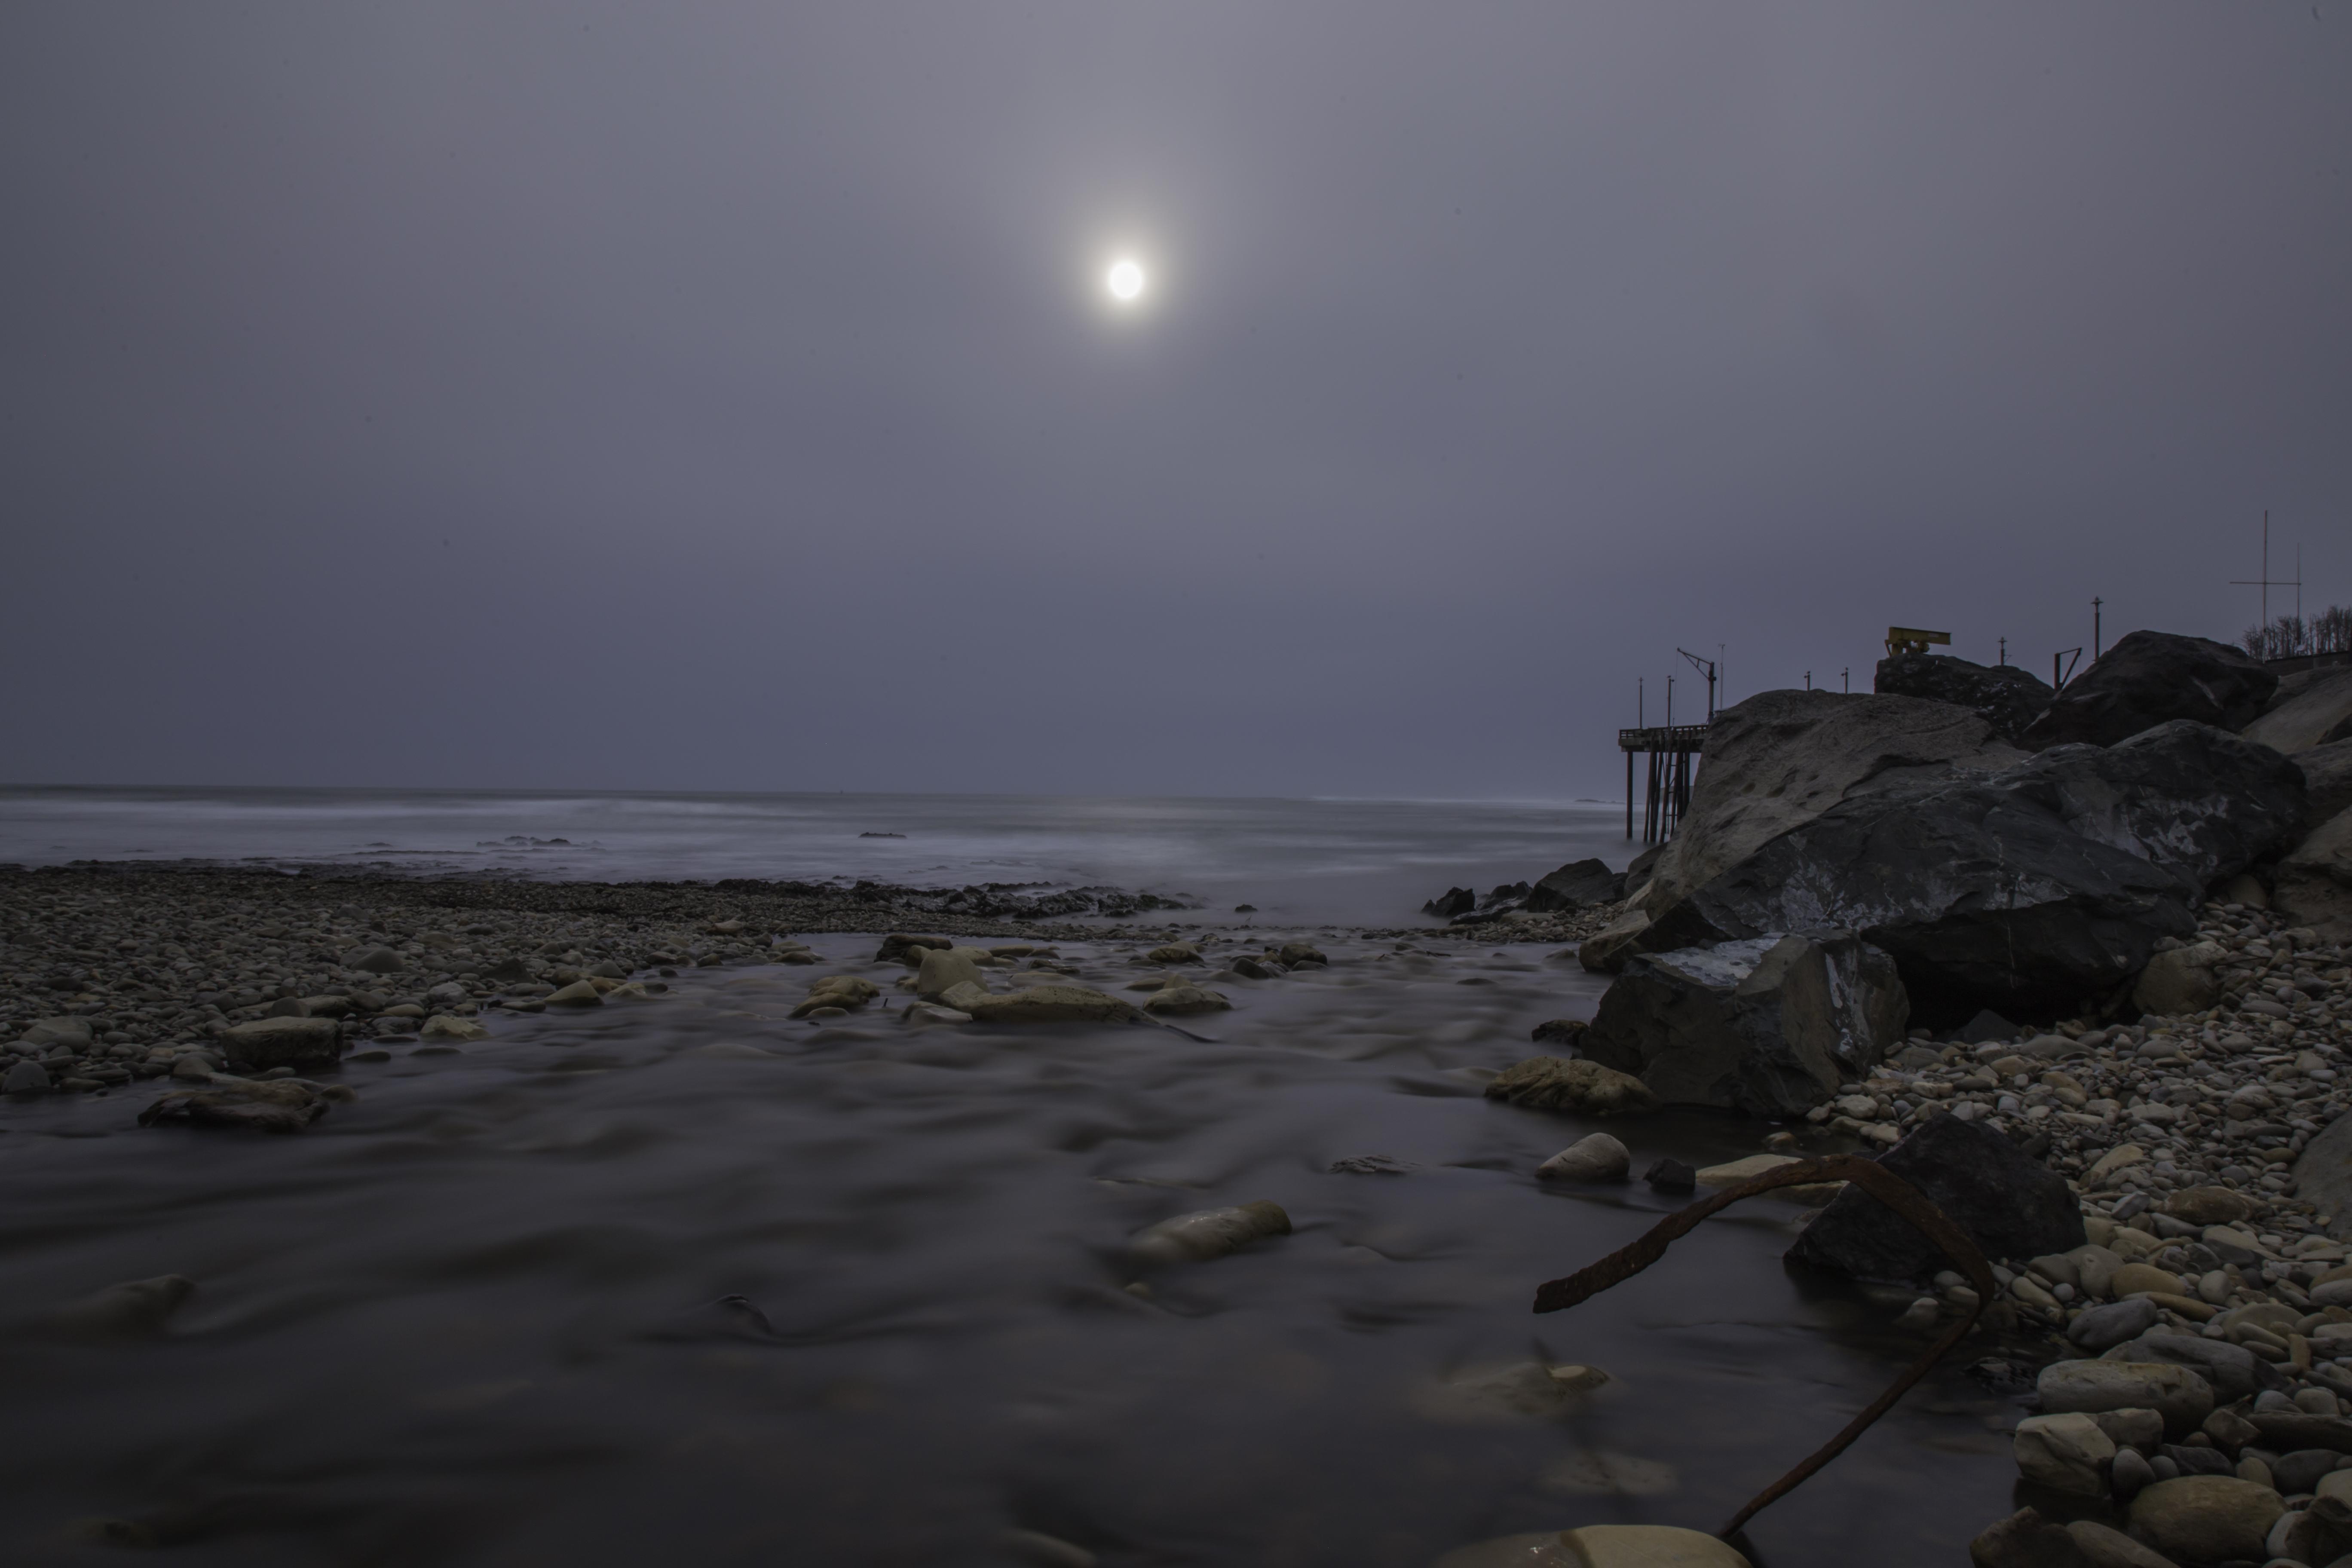 Beach night sky